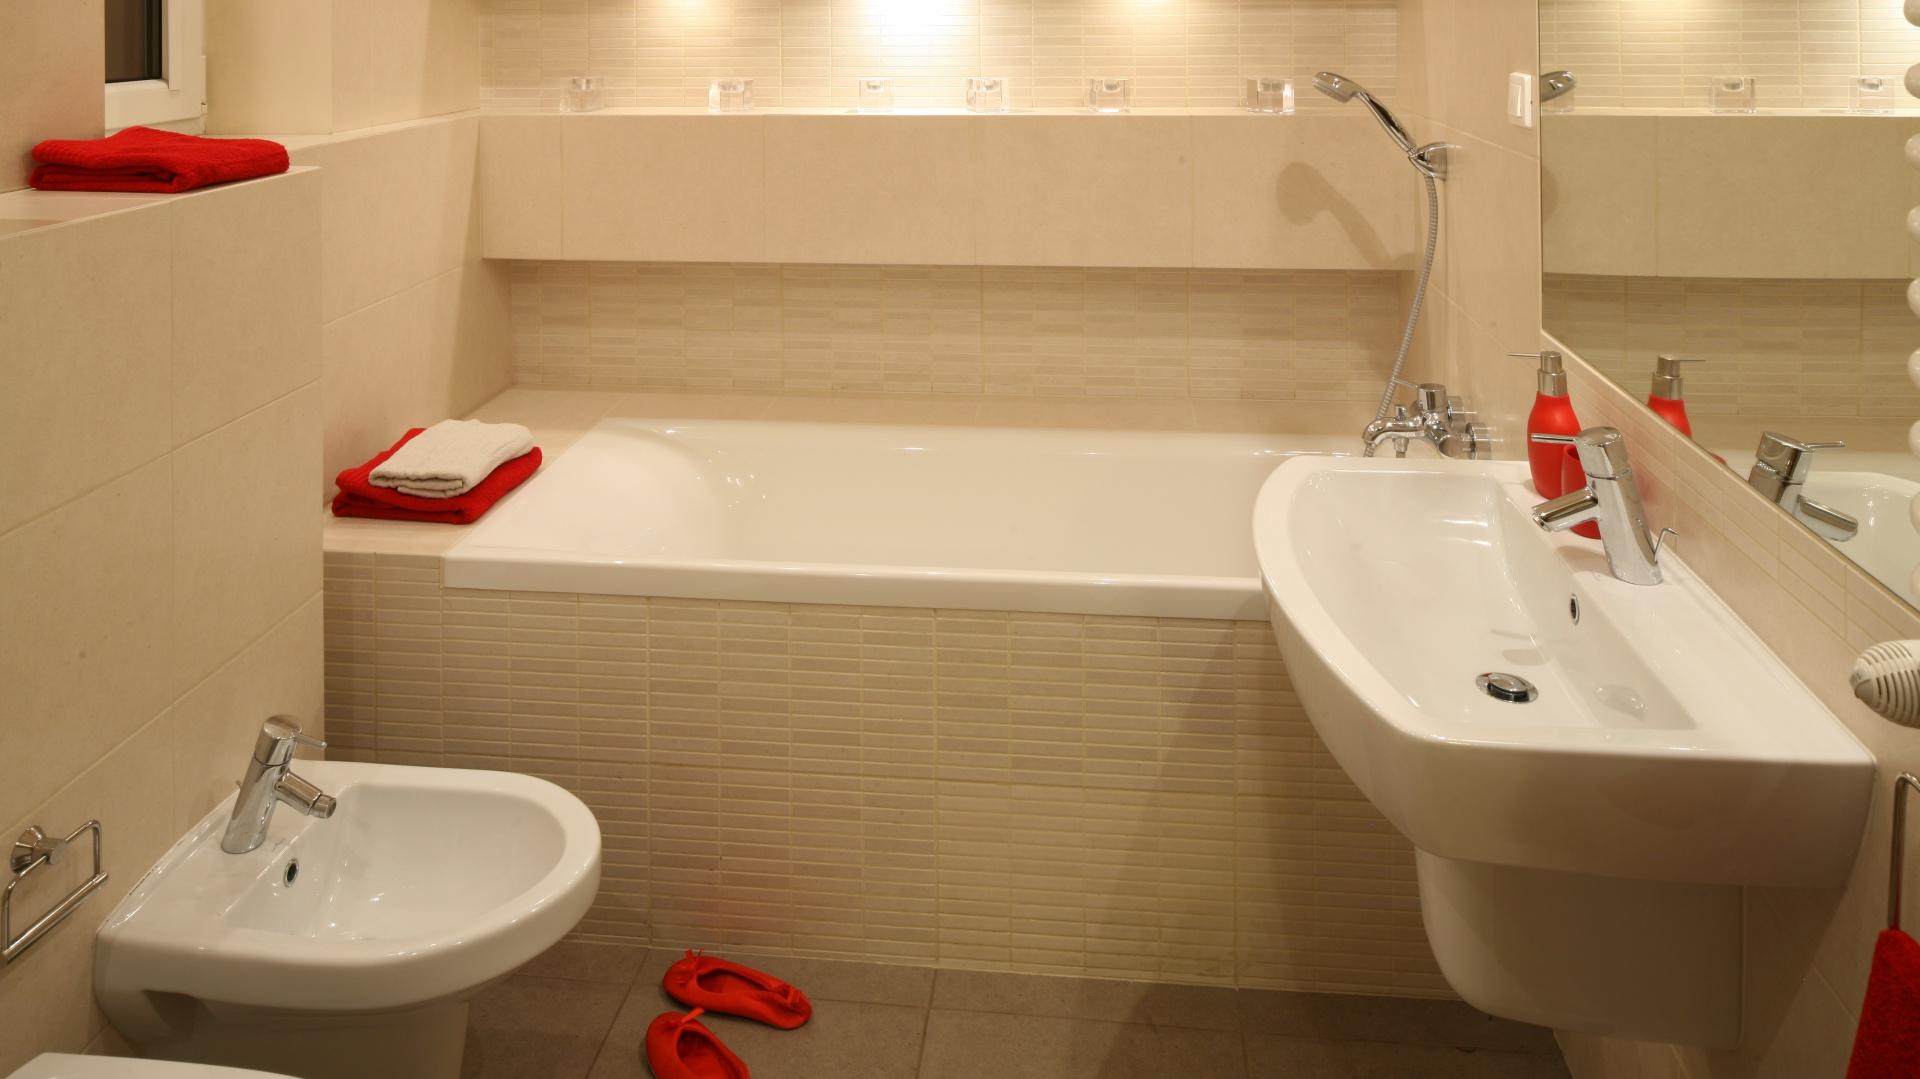 Modna łazienka Tak Ją Urządzisz Na 5 Metrach